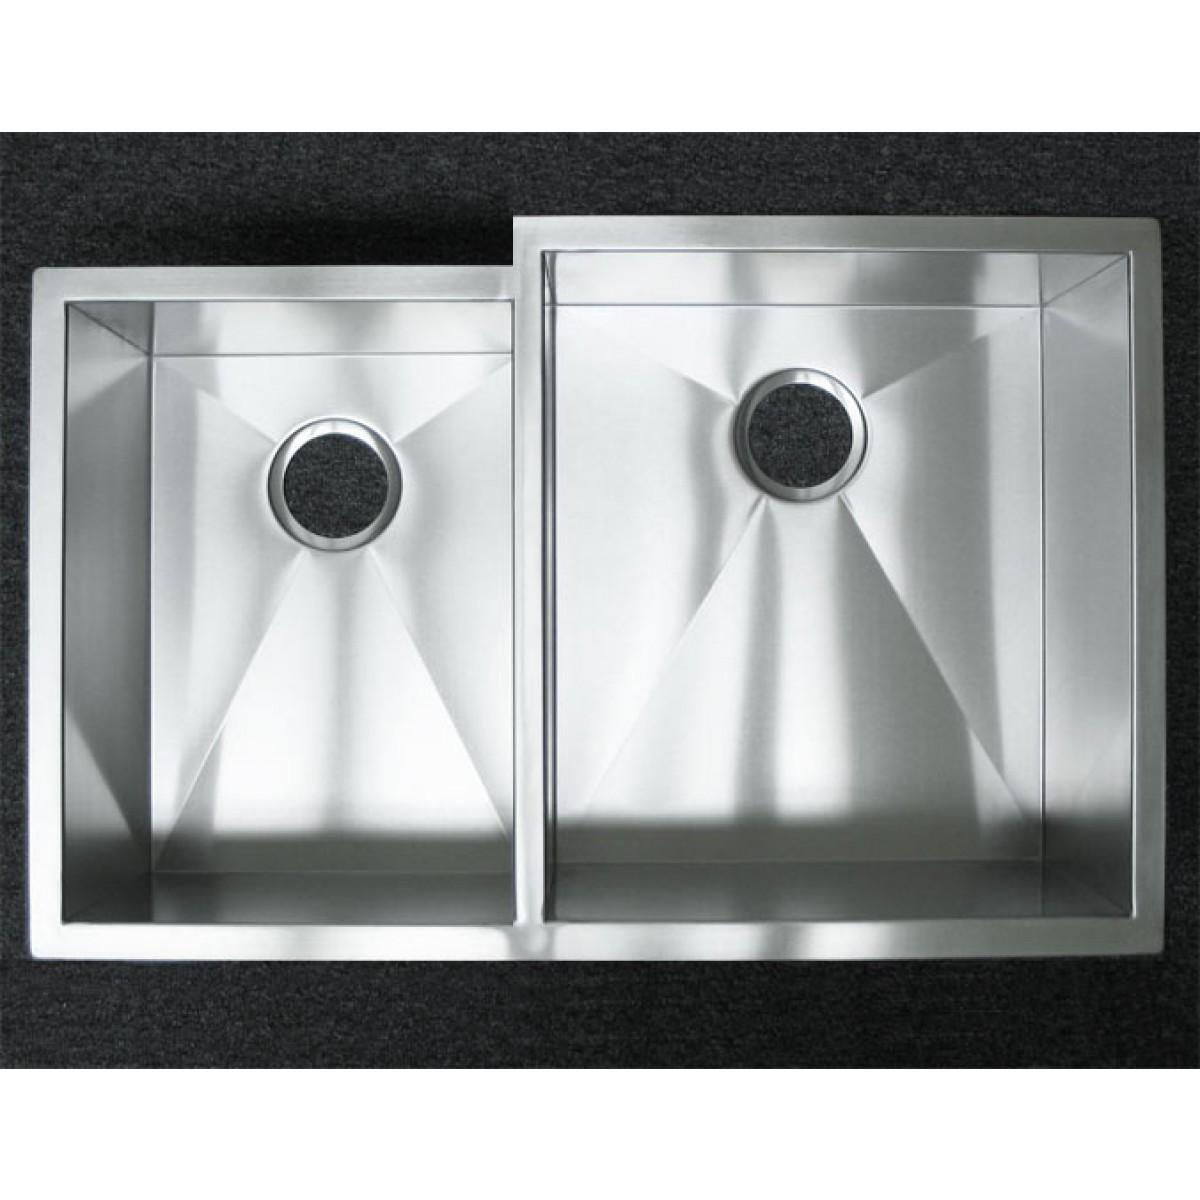 33 inch stainless steel undermount 40 60 offset double bowl kitchen sink zero radius design 33 inch stainless steel undermount 40 60 offset double bowl      rh   emoderndecor com